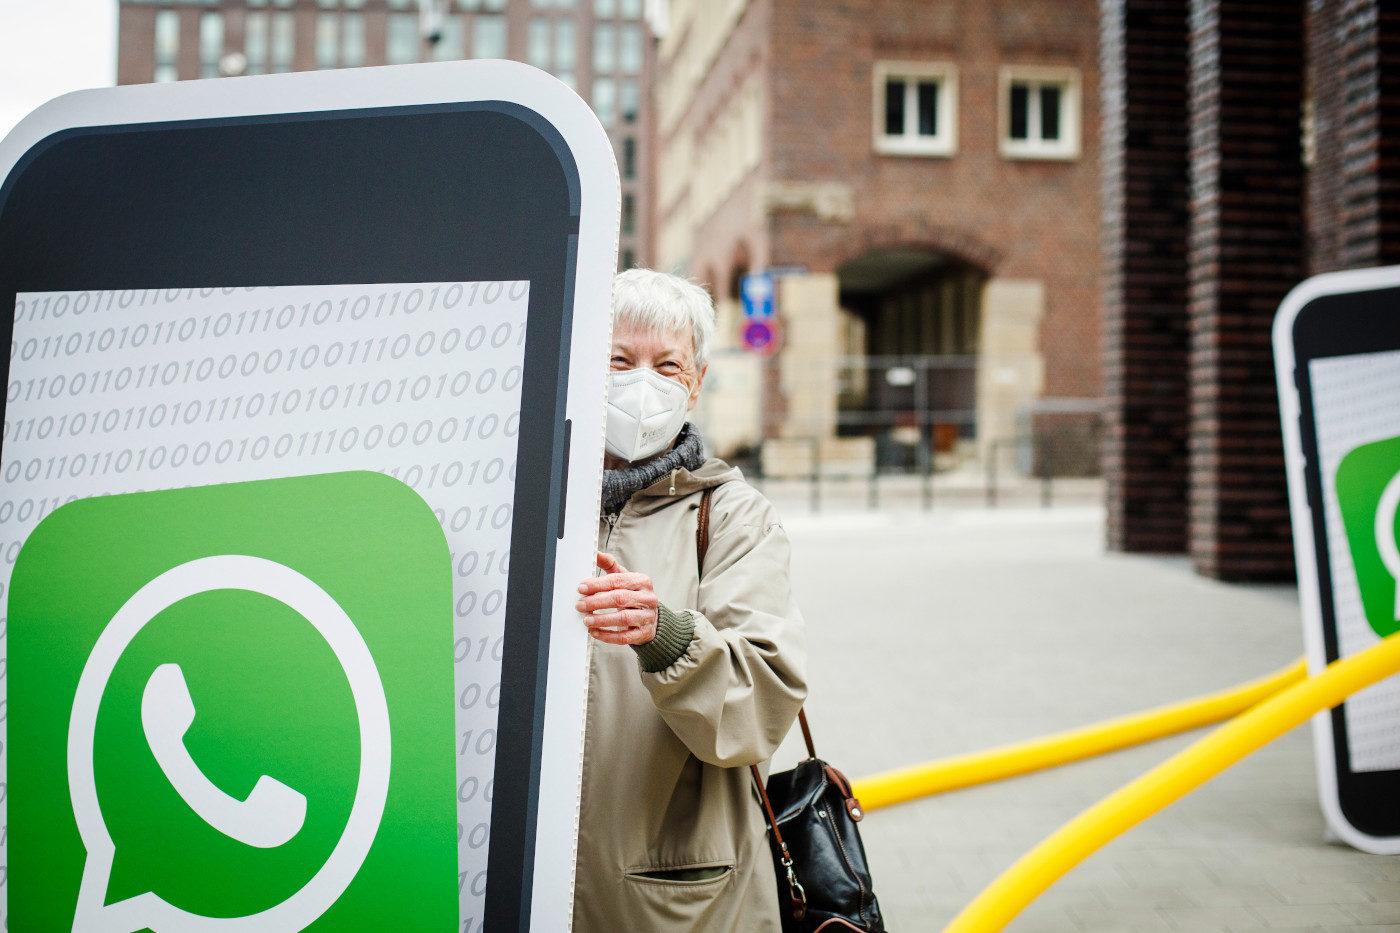 Campact-Aktive demonstrieren gegen die neuen WhatsApp-Nutzungsbedingungen vor der Facebook-Zentrale in Hamburg